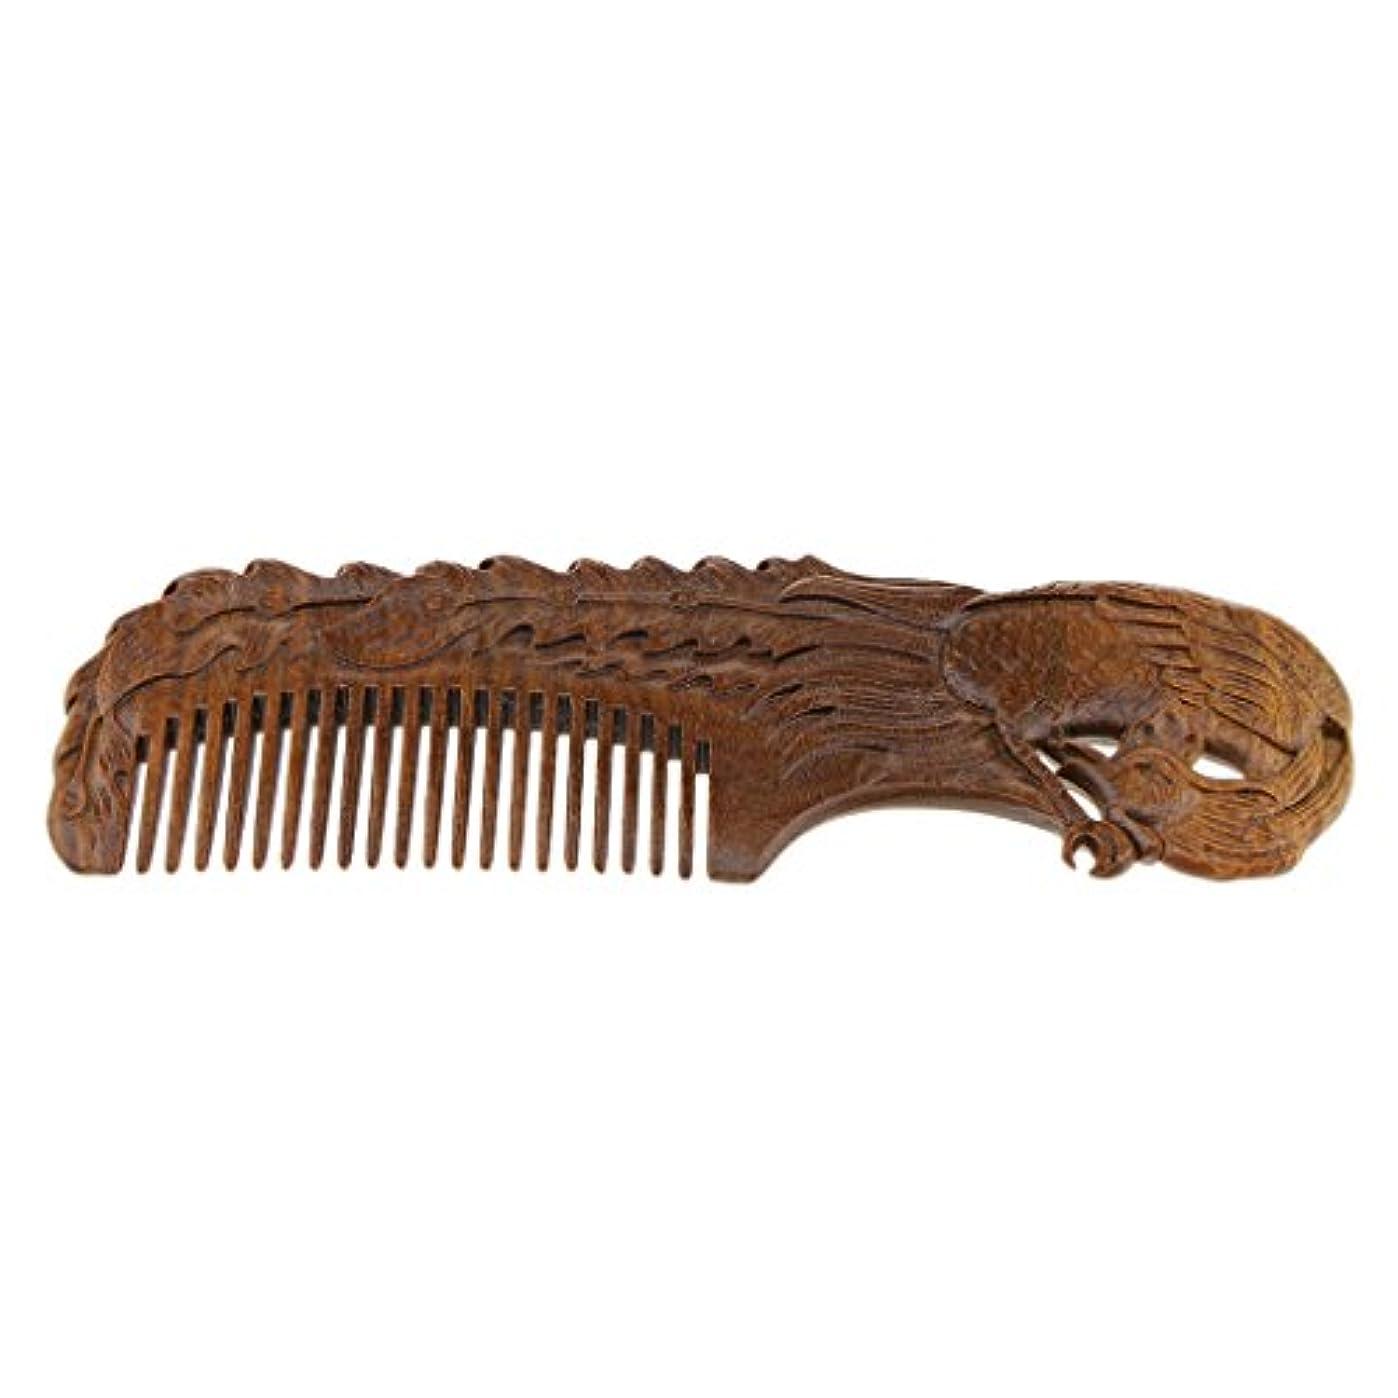 SM SunniMix ウッドコーム 木製コーム 木製櫛 ヘアブラシ ヘアコーム 滑らかな歯 頭皮マッサージ 全2種類選択 - Phoenix